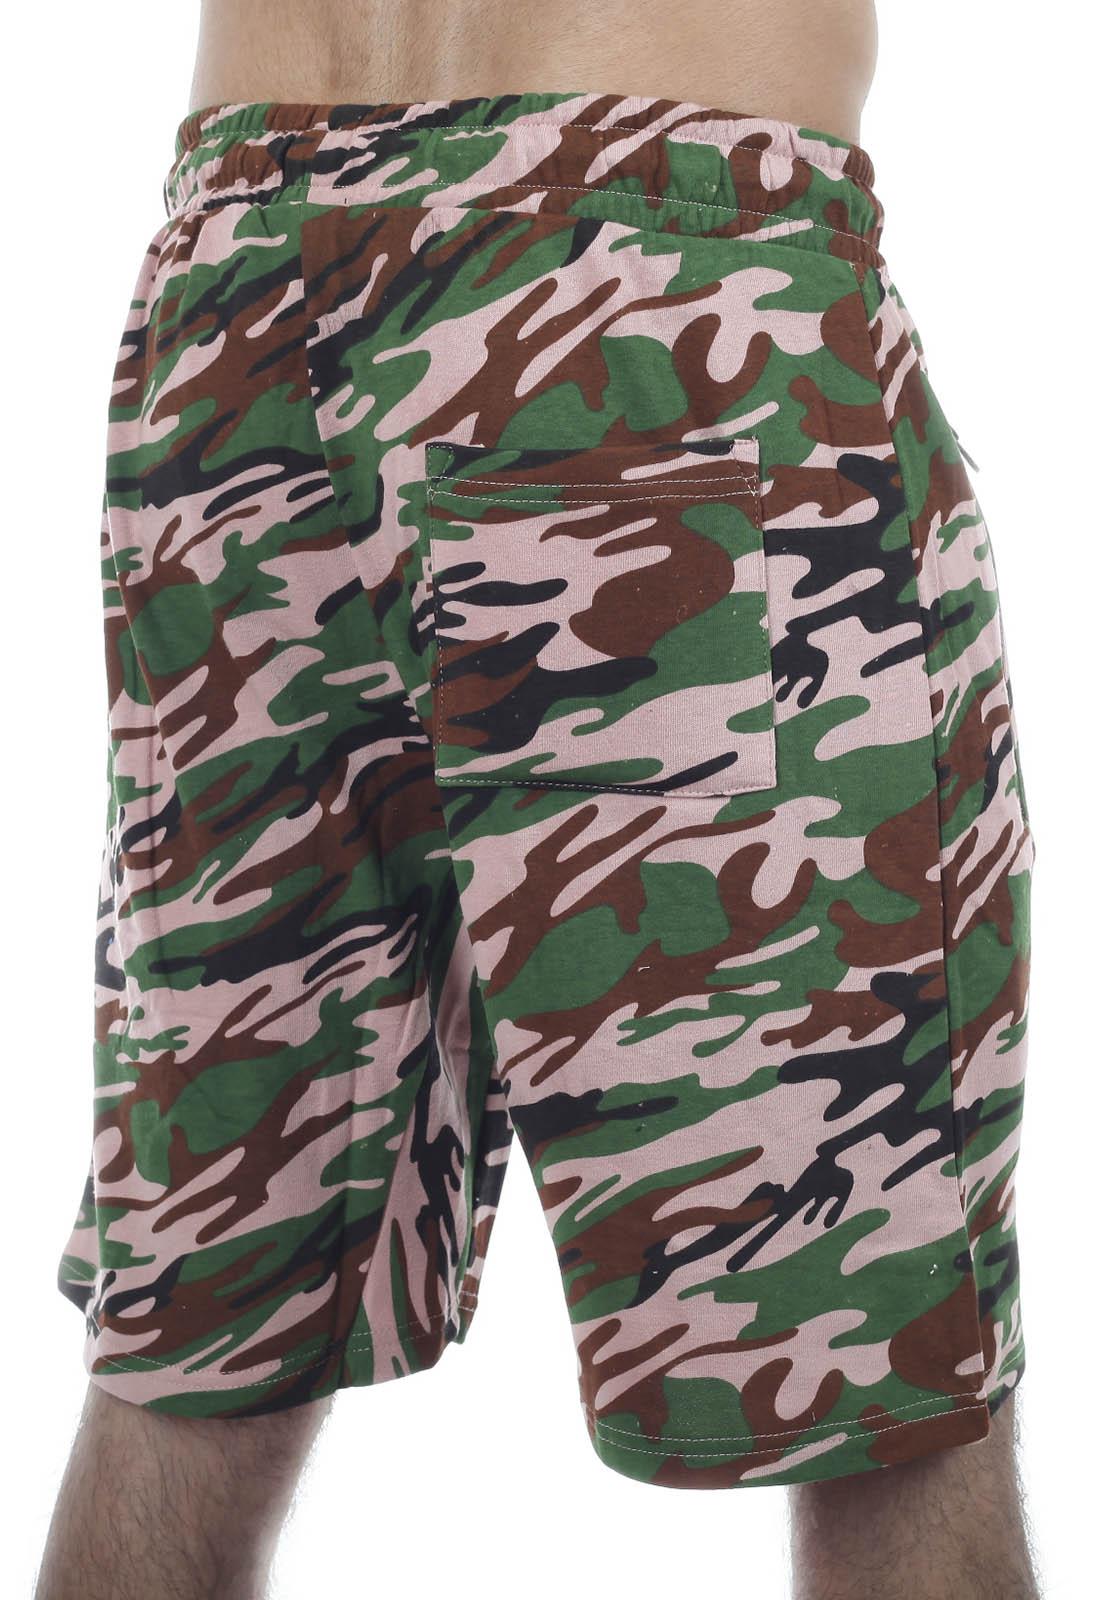 Мужские летние шорты с эмблемой Пограничной службы купить в розницу или оптом